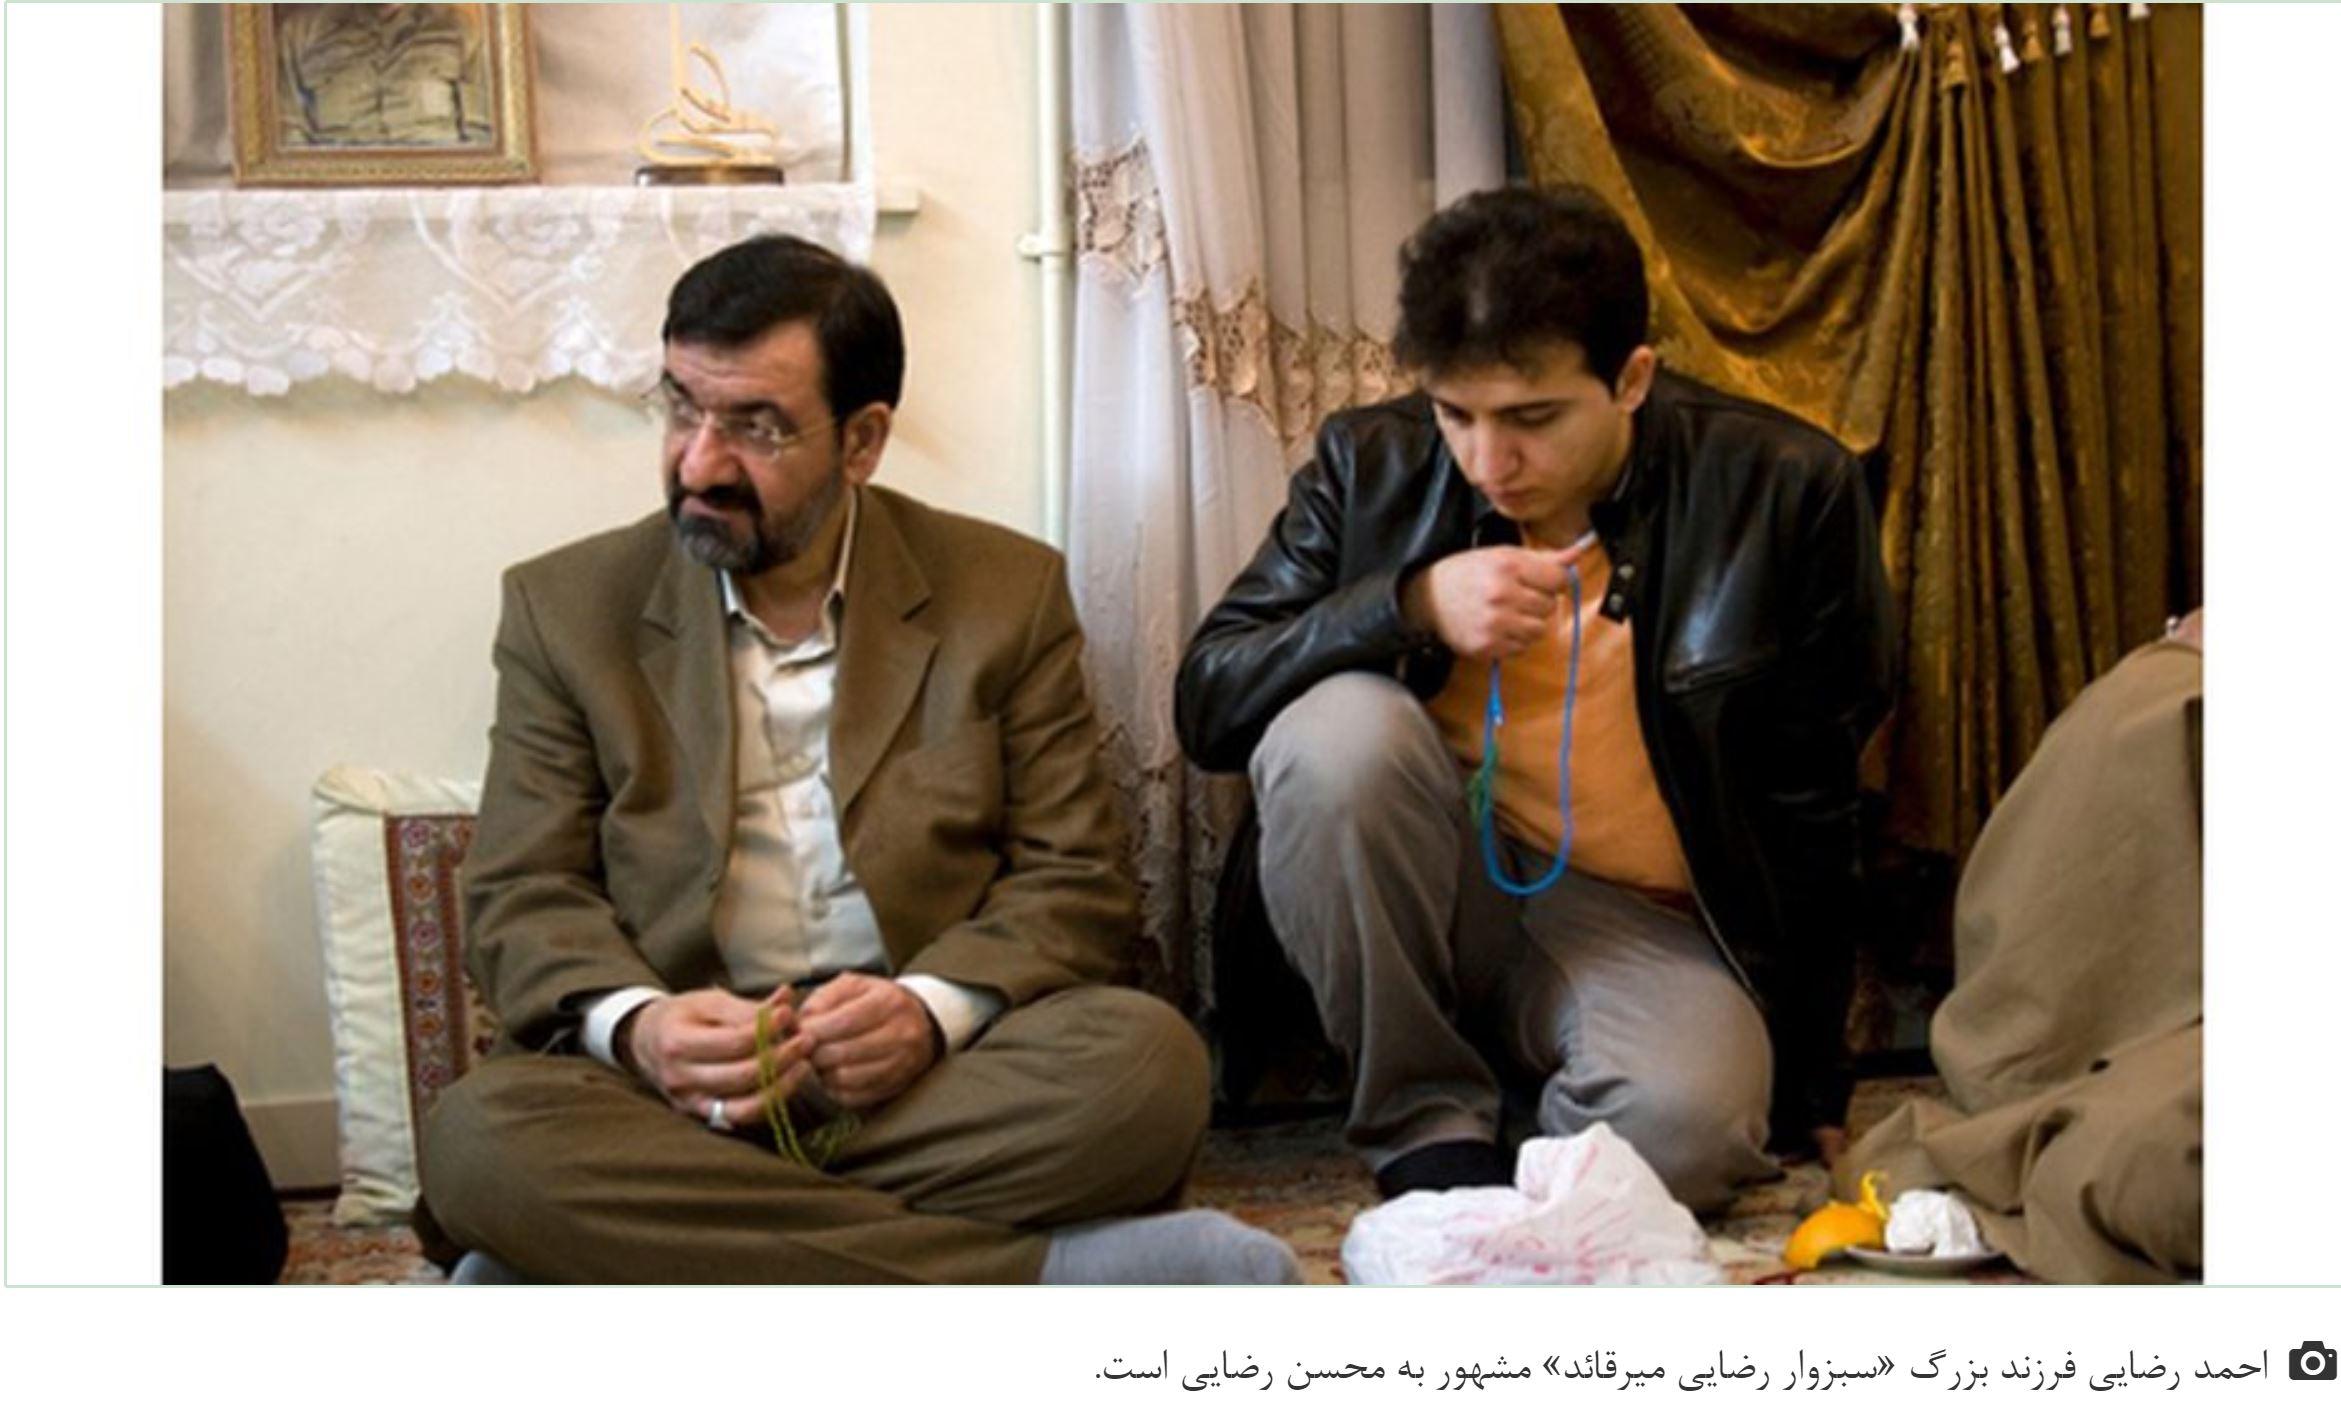 احمد رضایی: پایان پناهندگی با مرگ مشکوک در دوبی | سایت ملیون ایران